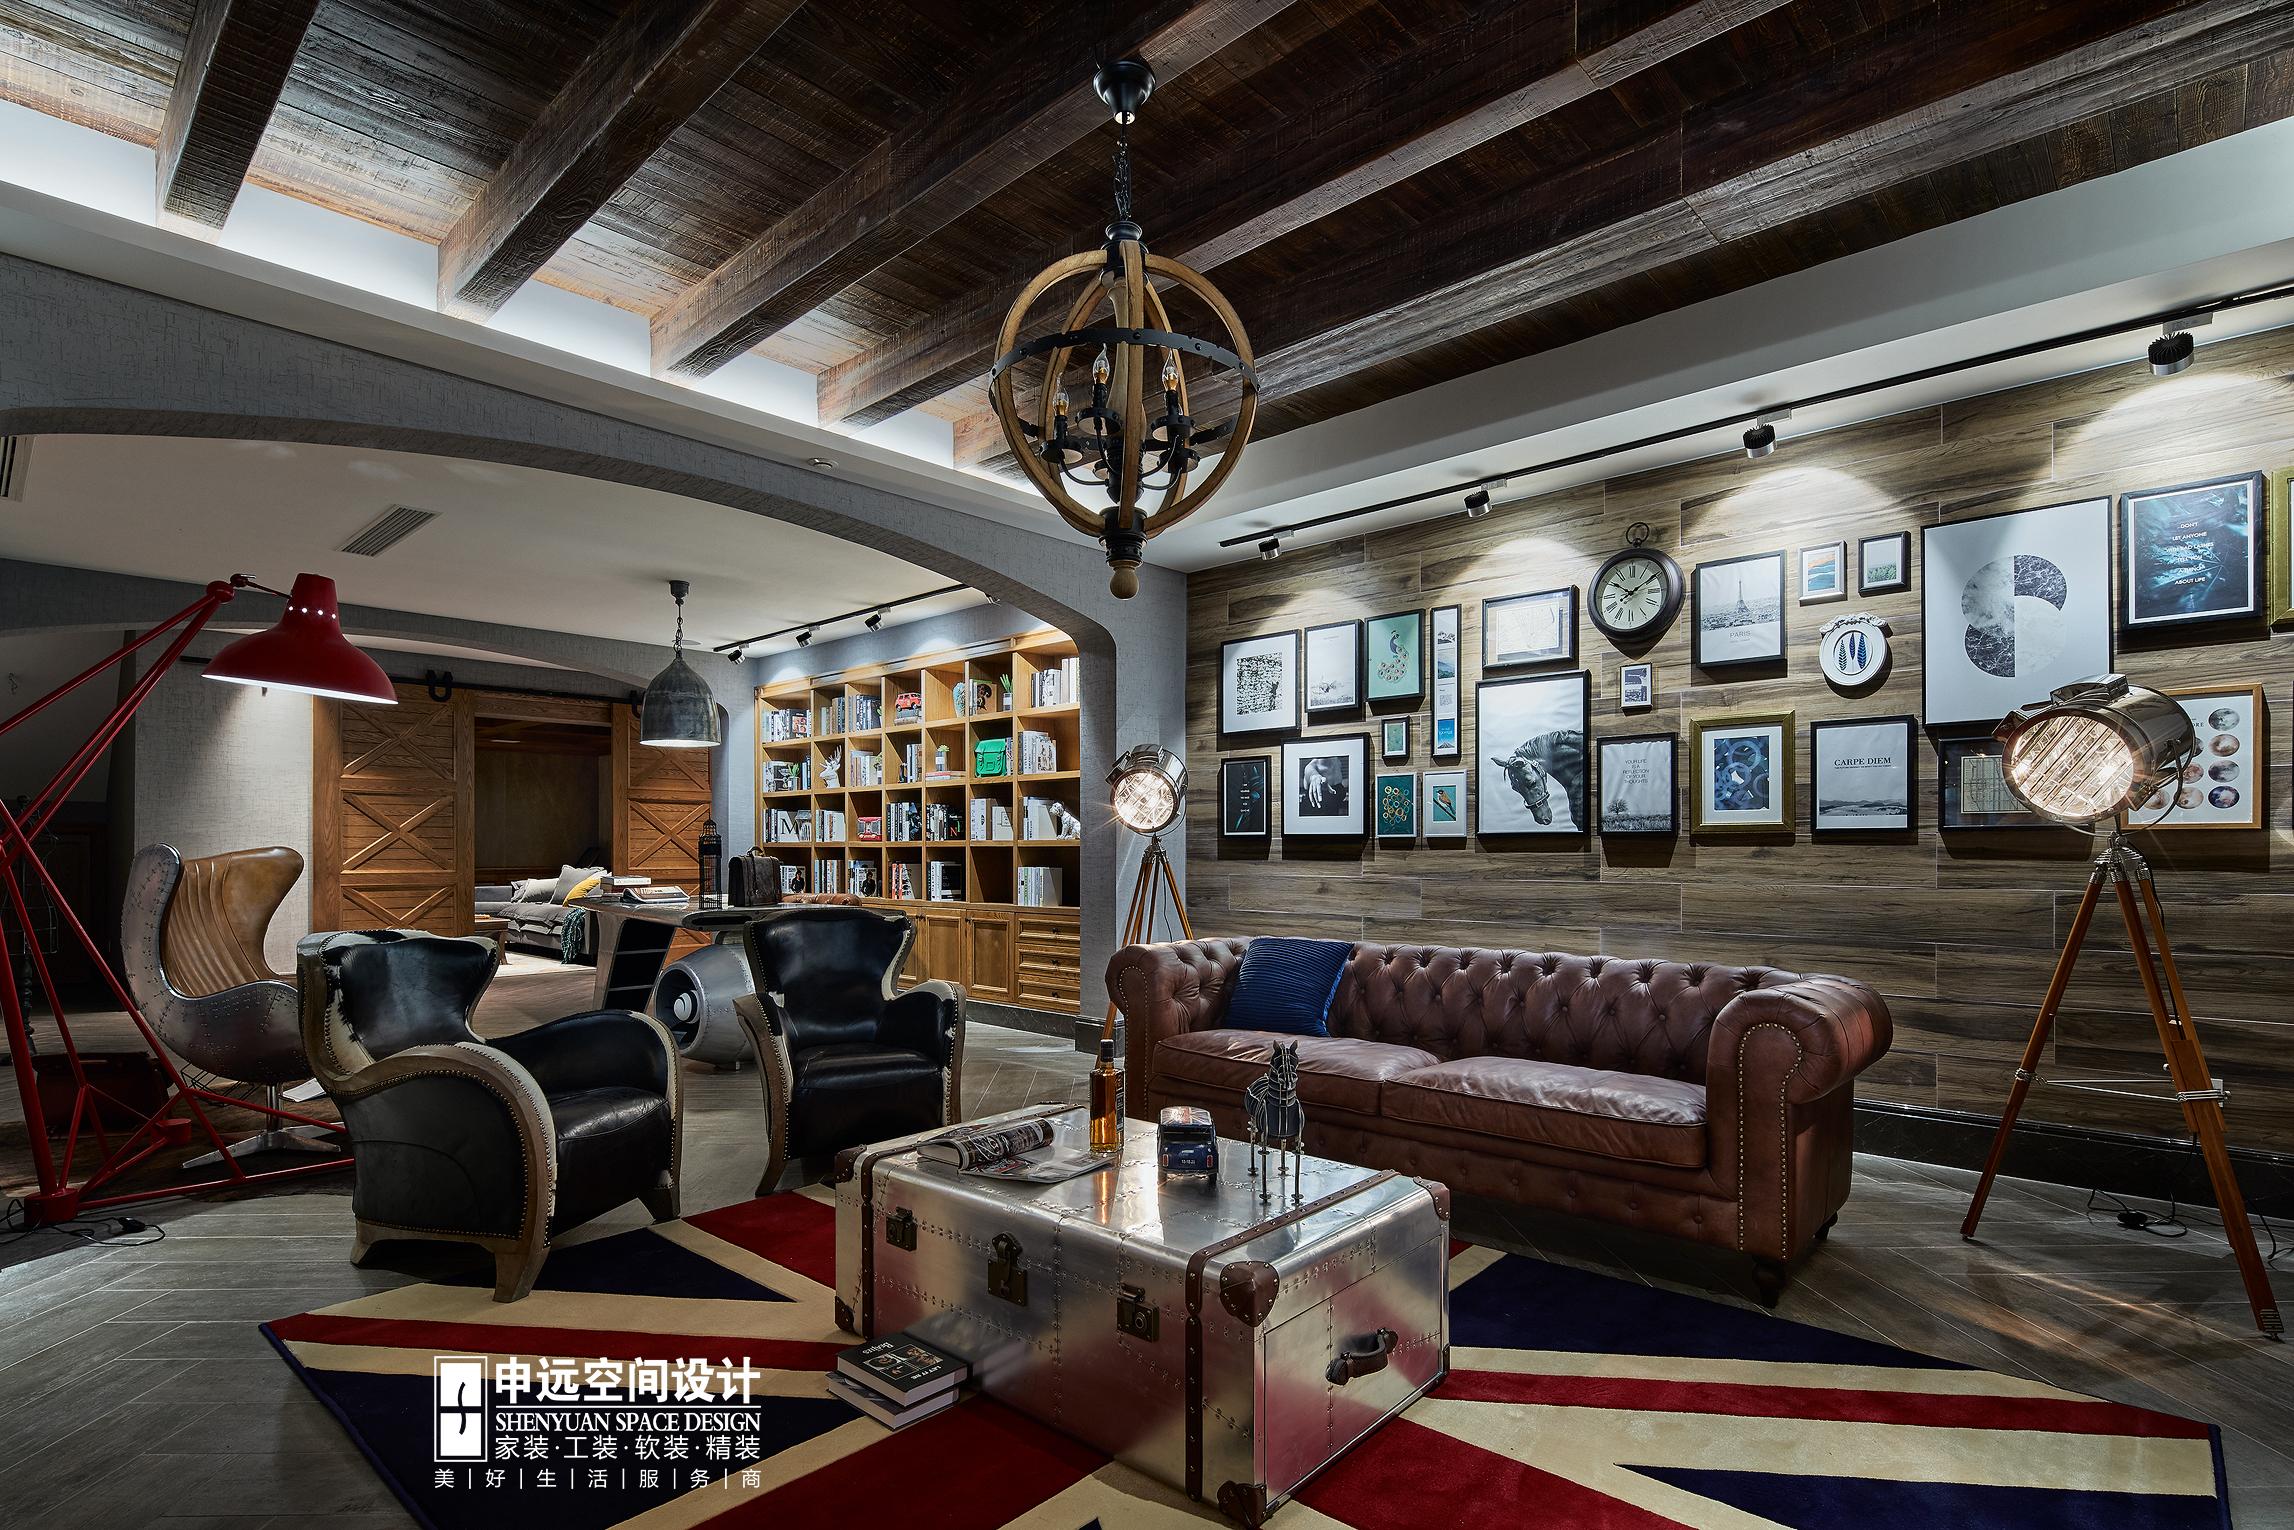 别墅 现代法式 法式 现代 申远 其他图片来自申远空间设计北京分公司在北京申远-现代法式风格的分享